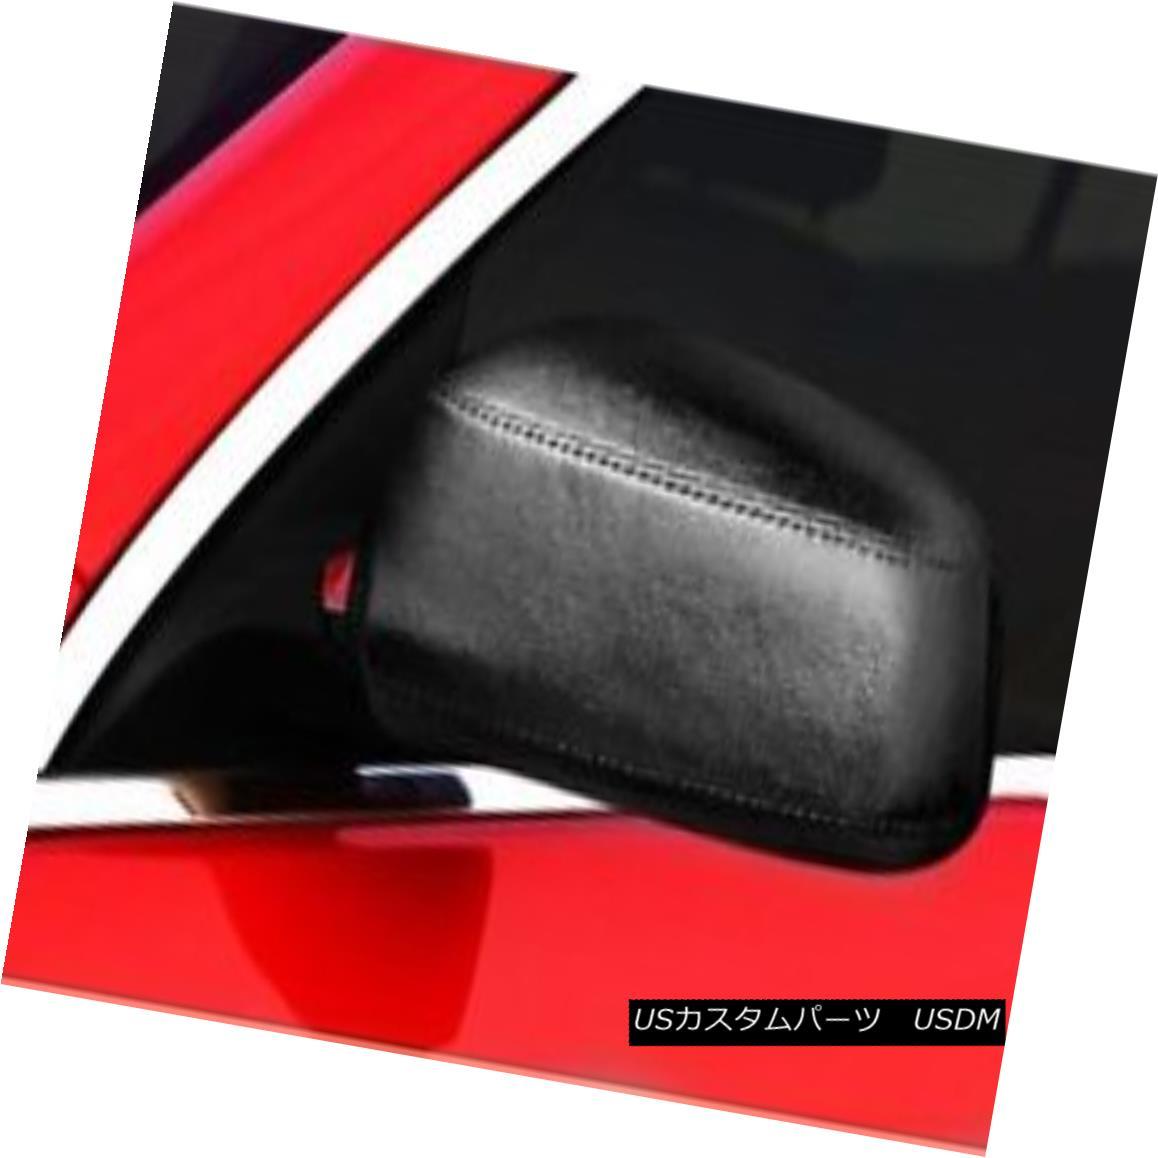 フルブラ ノーズブラ Colgan Car Mirror Covers Bra Protector Black Fits 2005-08 Toyota Matrix XR & XRS Colgan車のミラーは、ブラジャープロテクターブラックフィット2005-08年Toyota Matrix XR& XRS